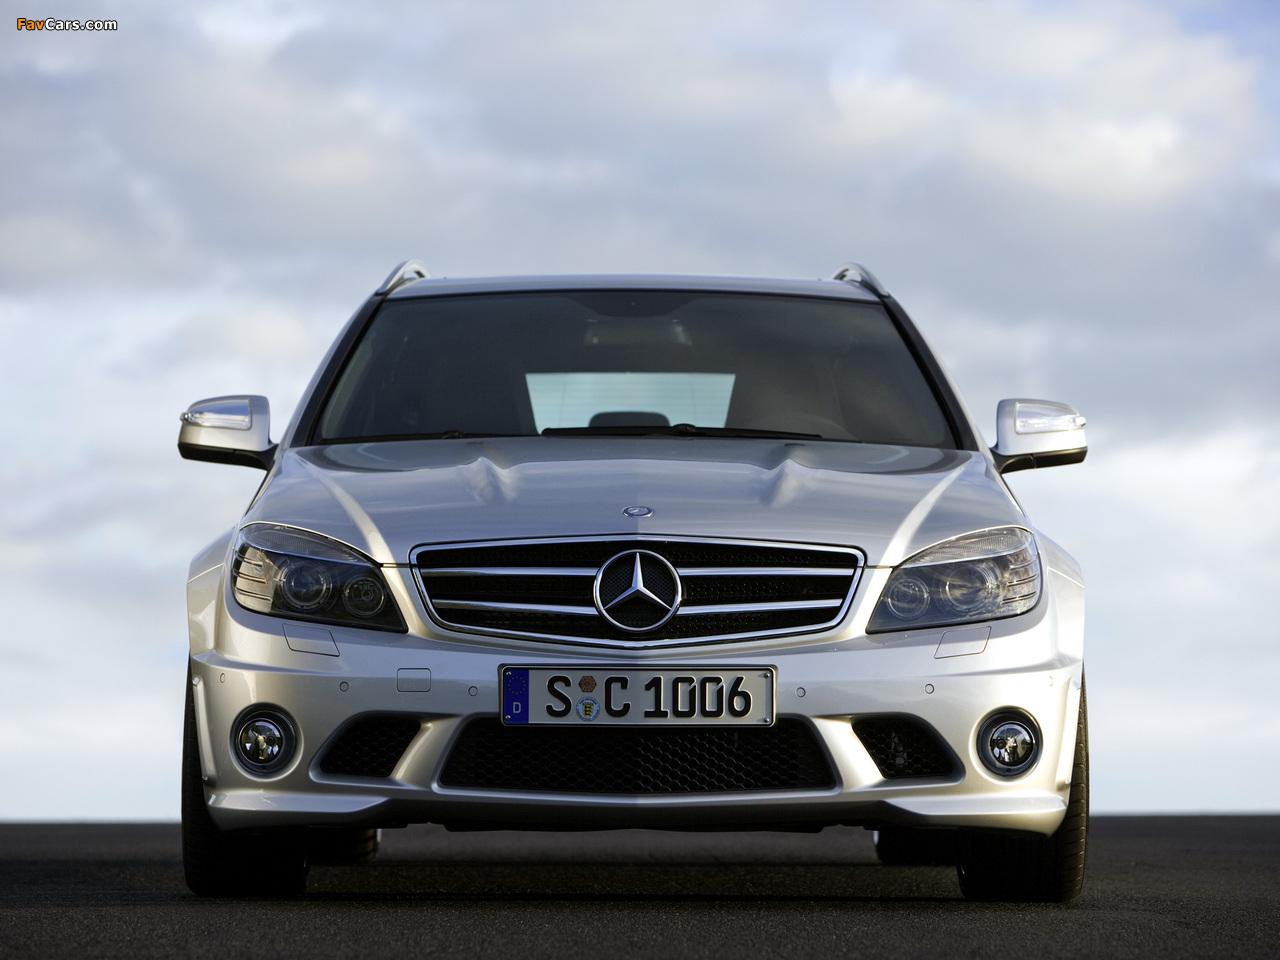 Mercedes-Benz C 63 AMG Estate (S204) 2008–11 photos (1280 x 960)